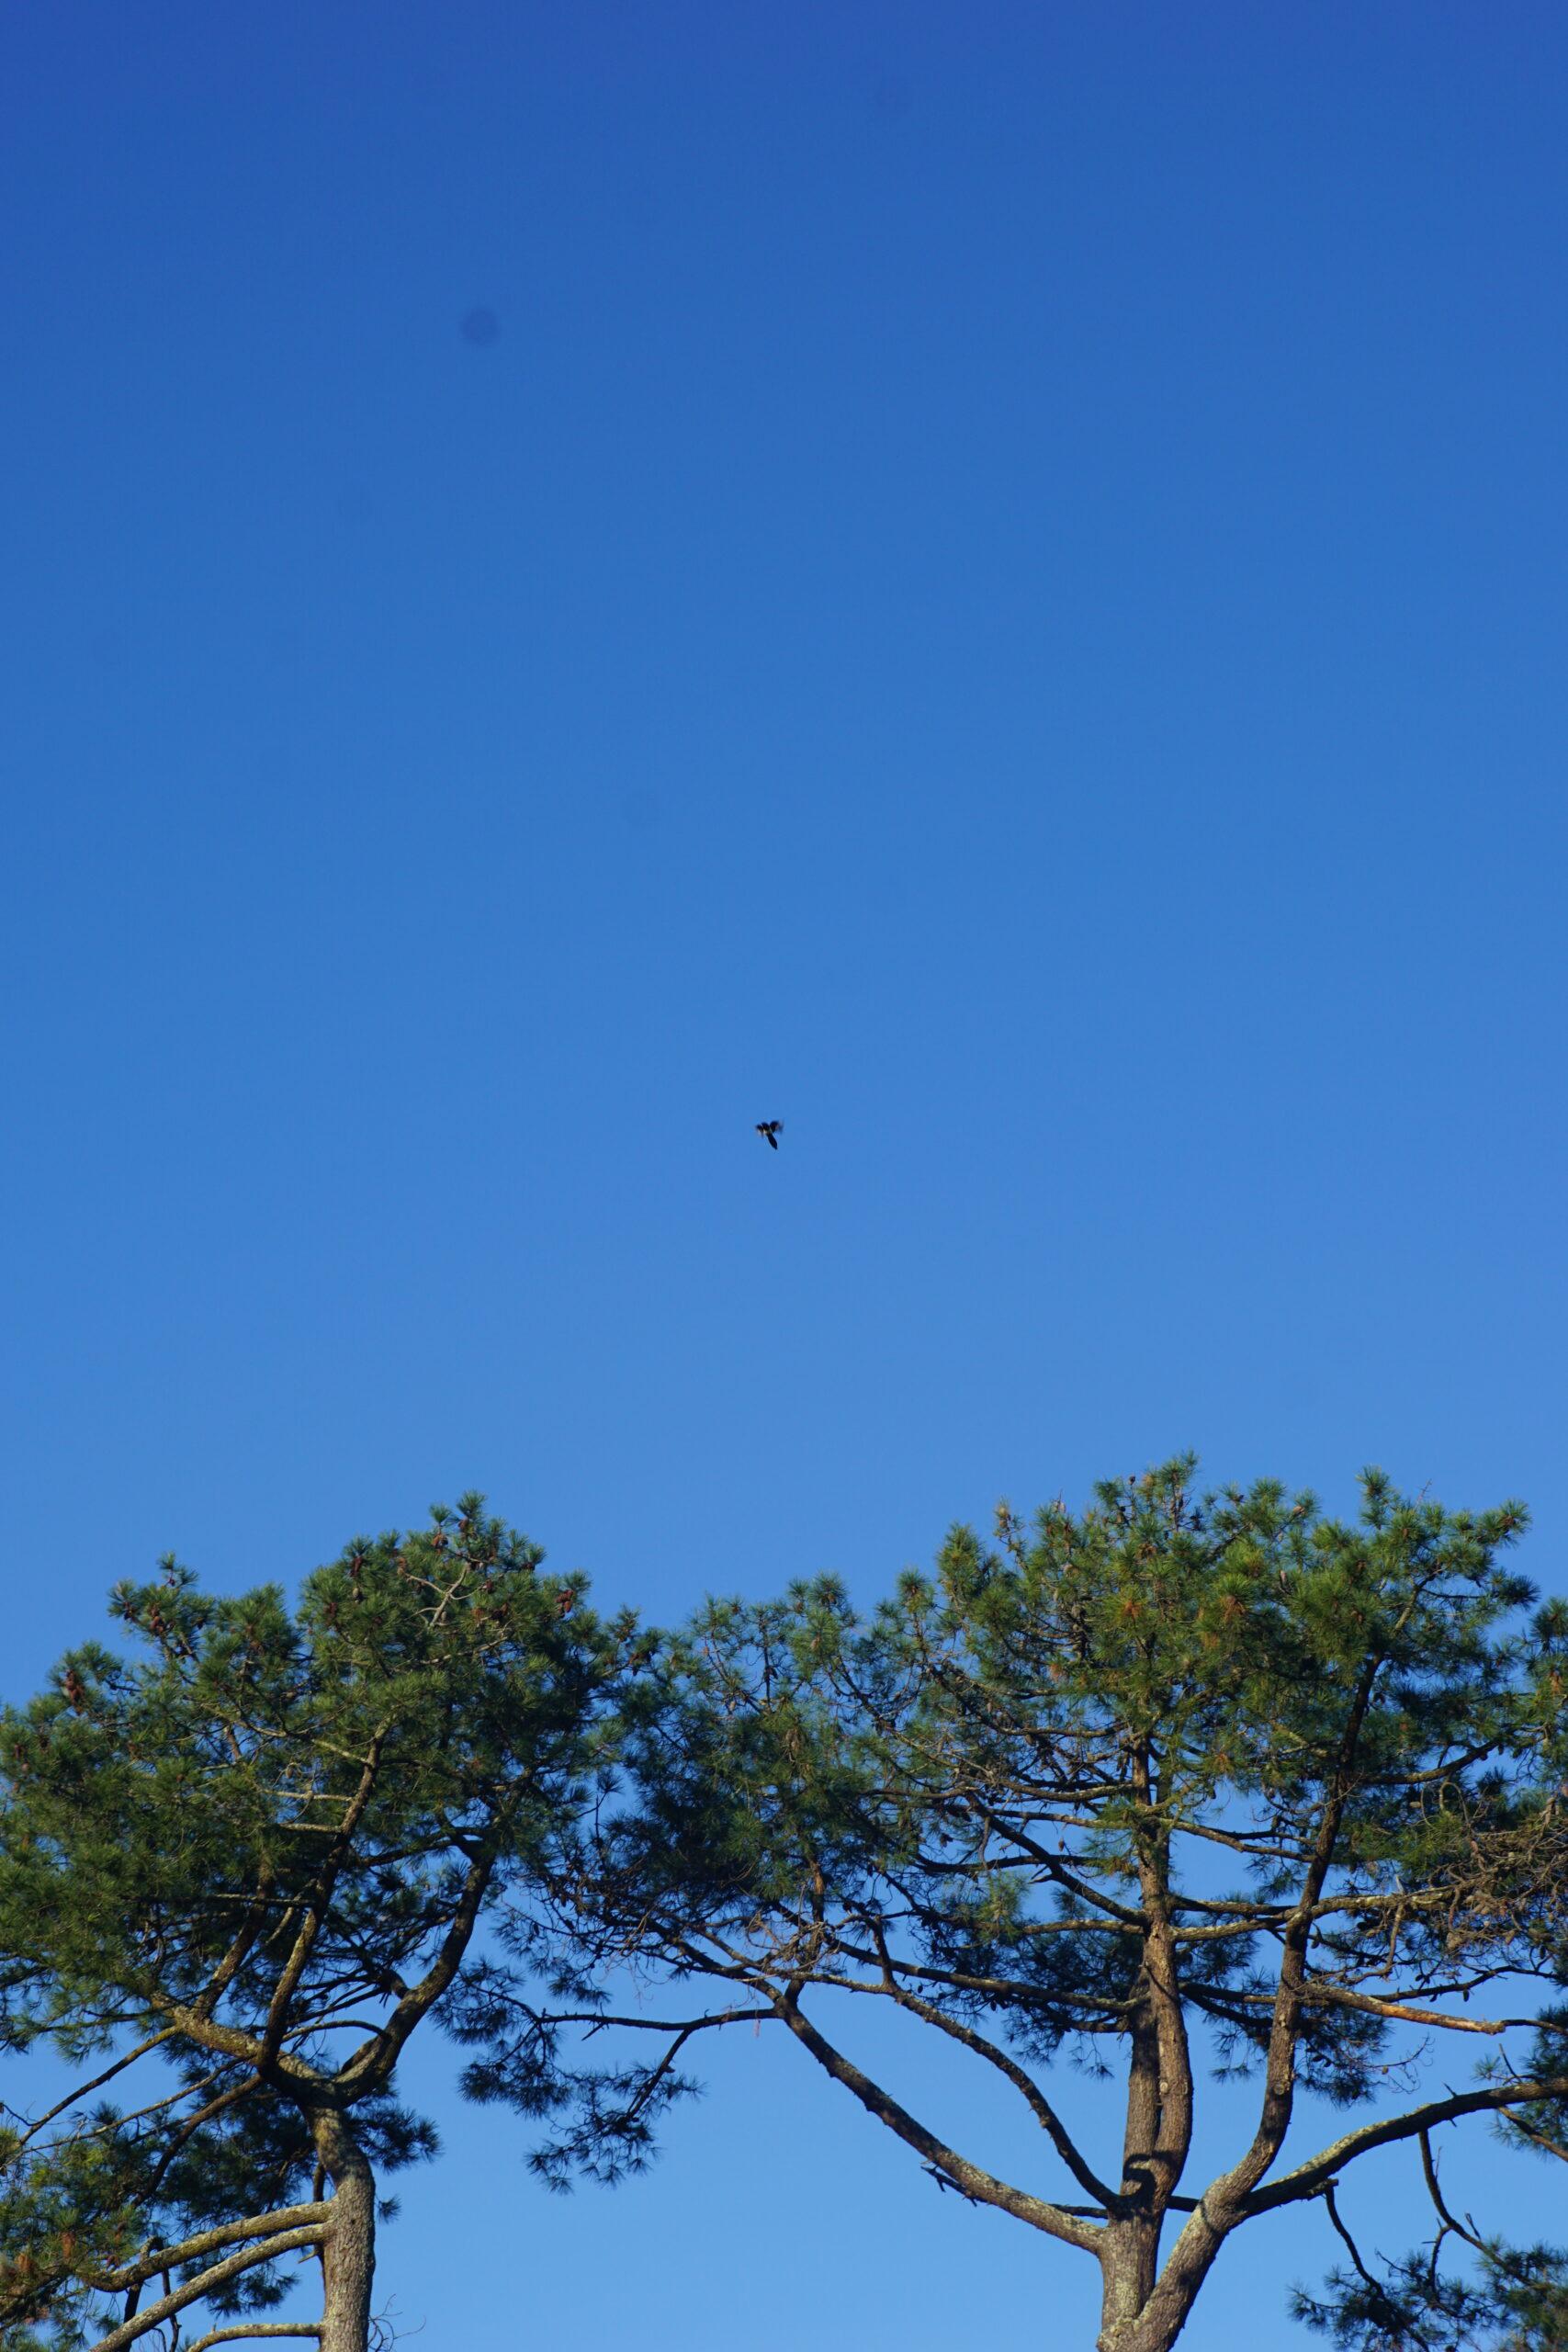 Photographie de cimes de pins survolées par un oiseau. Le ciel est bleu et dégagé.